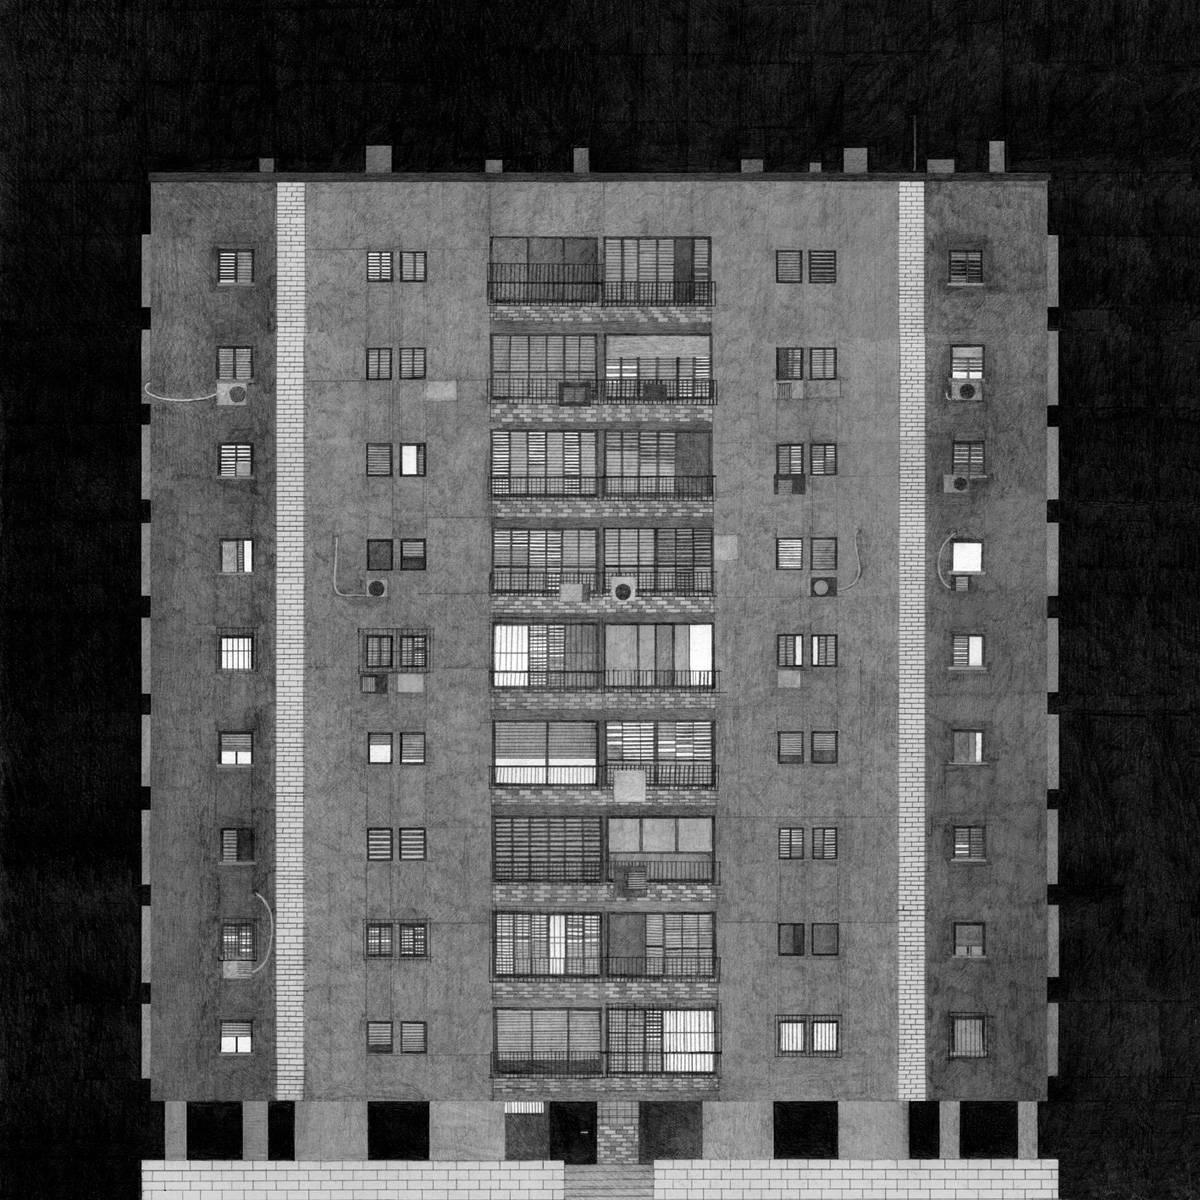 קרן תגר: העבודה שלי היא רישום של בניין דירות בגבעתיים, קרוב למקום שבו אני גרה. הבניין מסמל בעיני את שיא אזור הנוחות הישראלי, אבל כשאני מסתכלת ועוברת בין החלונות, אני תמיד מדמיינת ילדים עצובים וזוגות ממורמרים